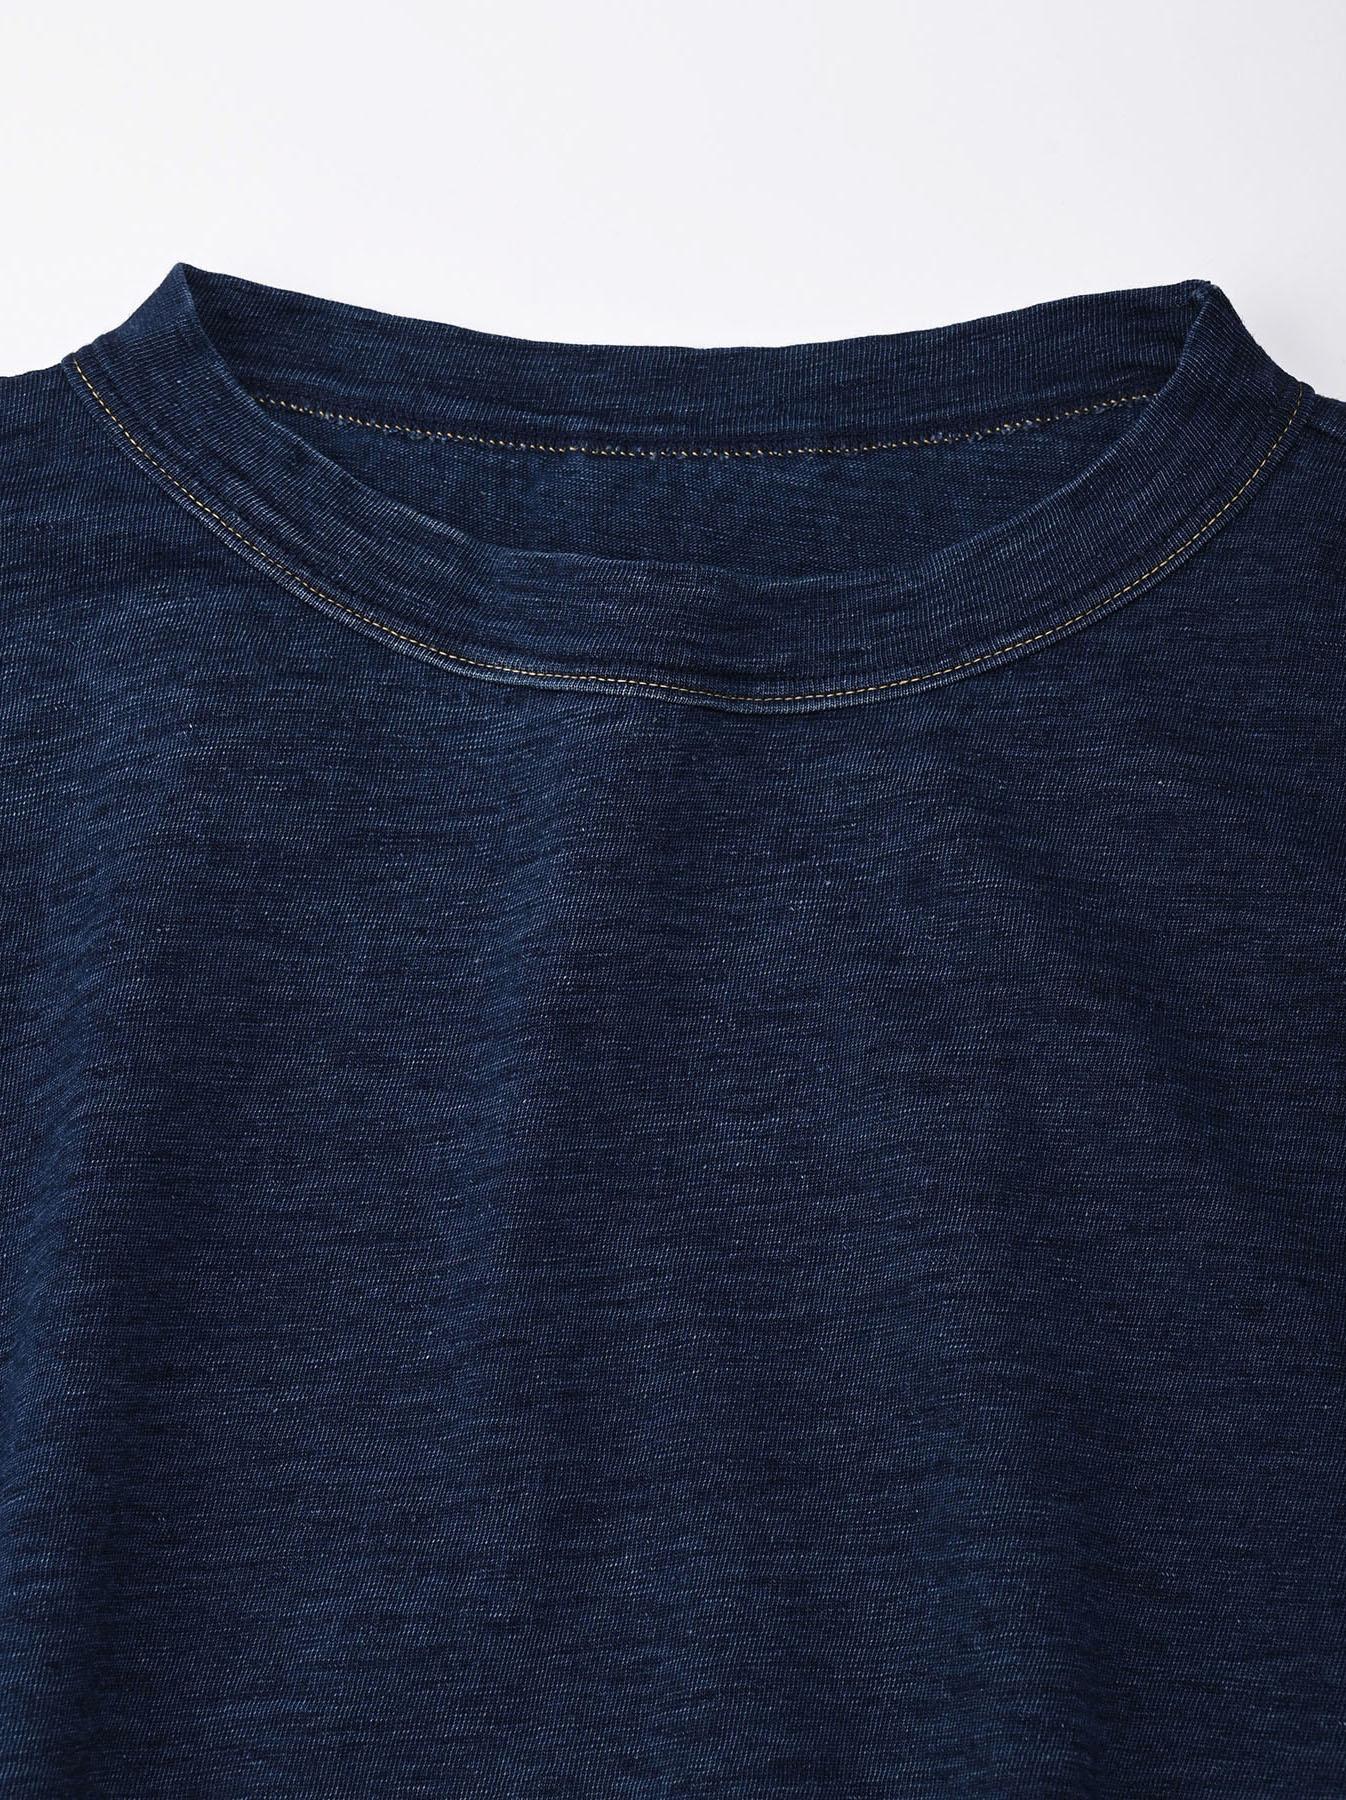 Indigo Zyu Zimbabwe Cotton Big Slit T-shirt (0721)-7